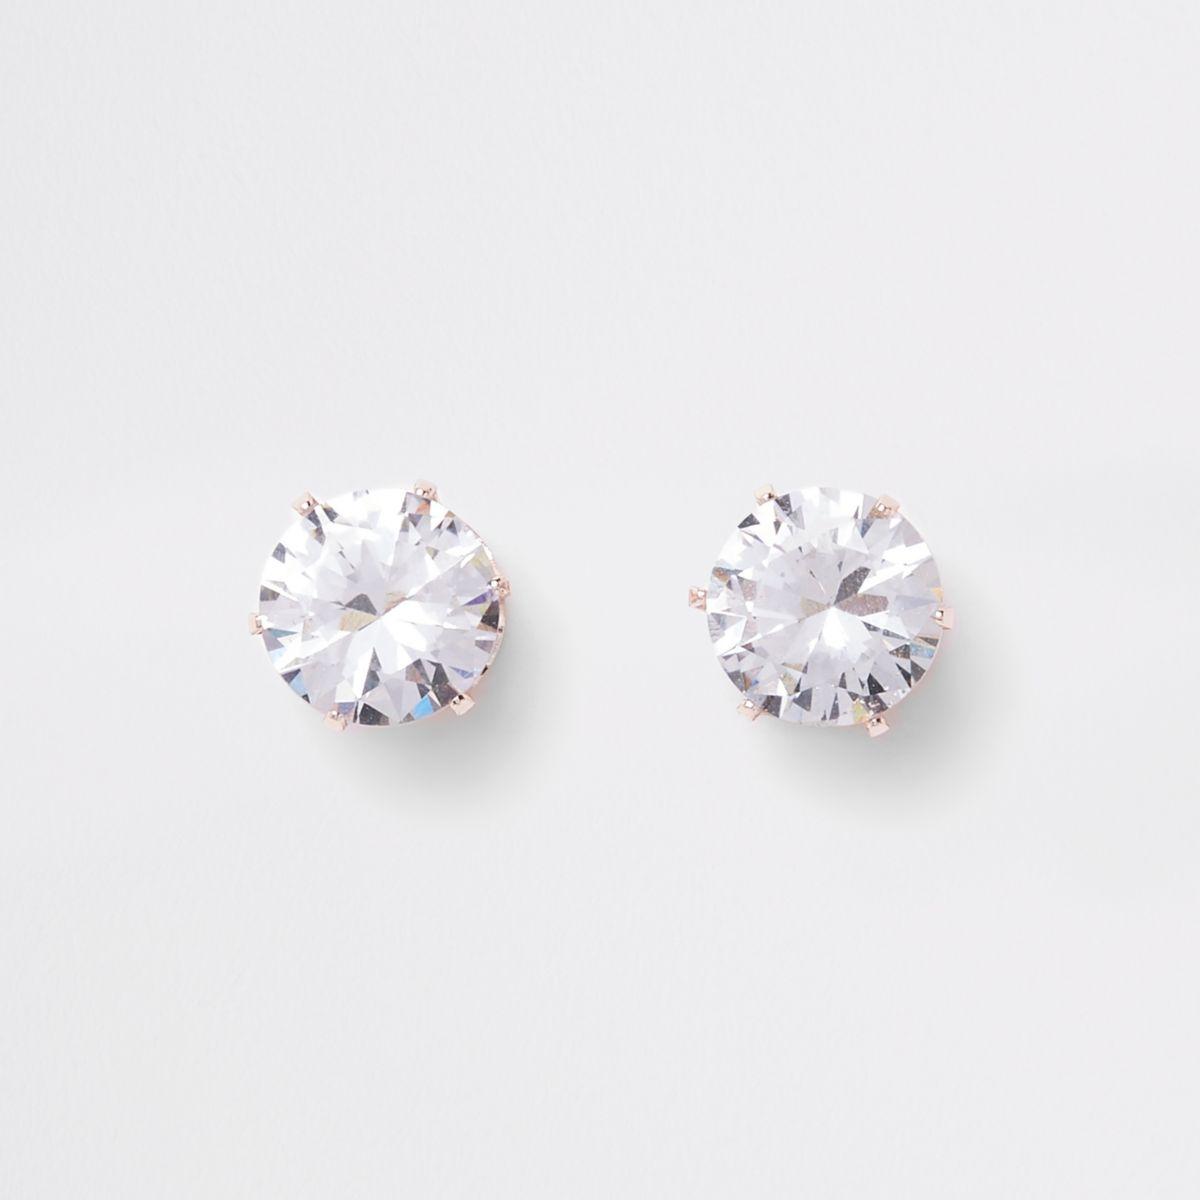 Rose gold tone crown stud earrings